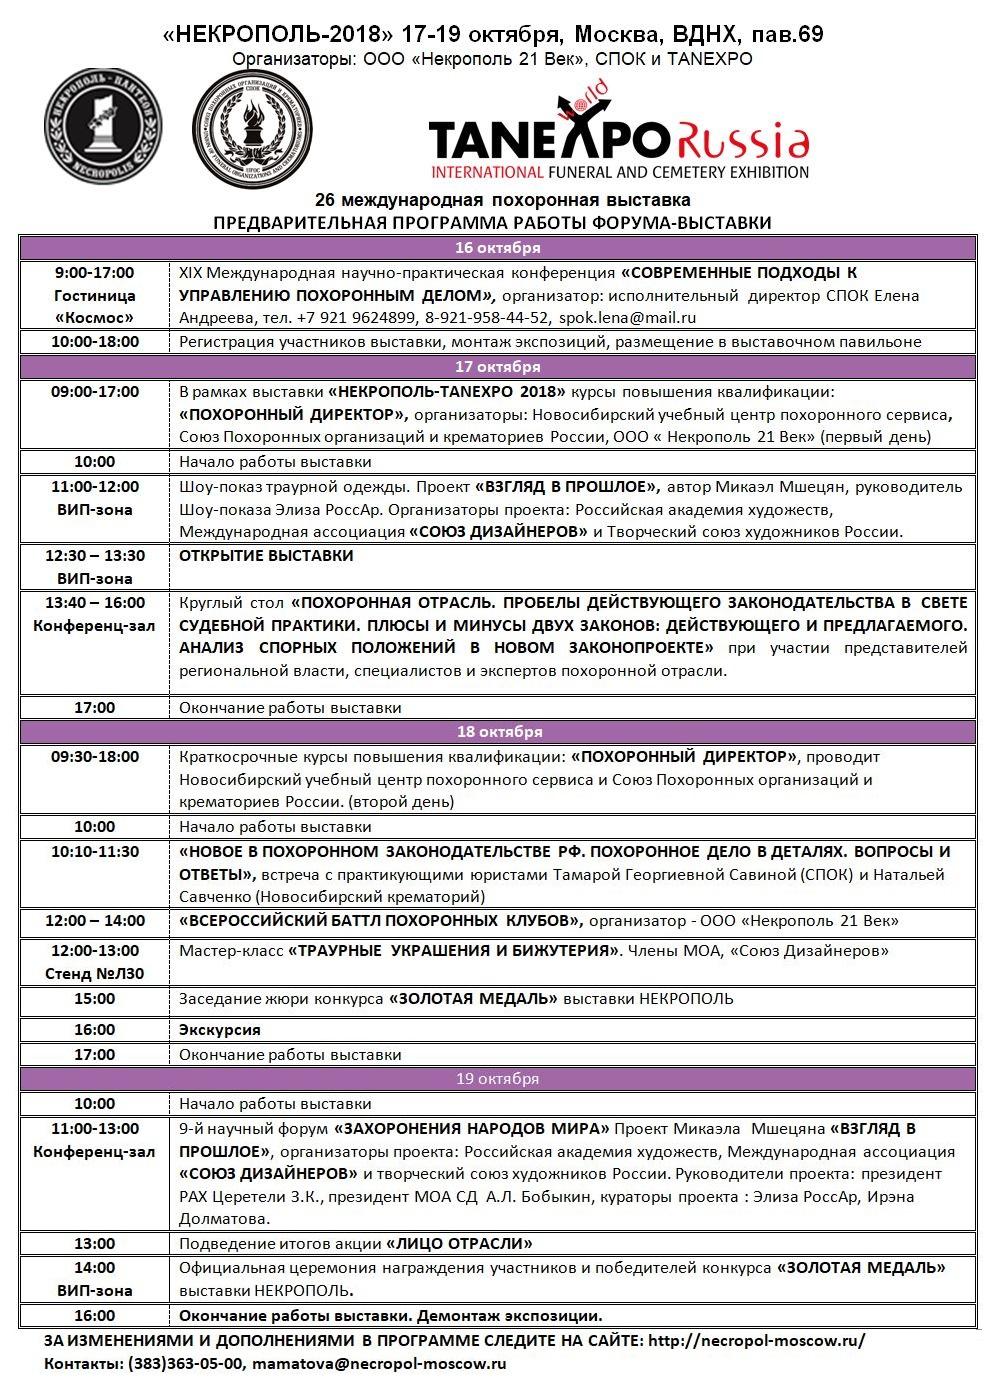 План размещения экспонентов выставки Некрополь 2018